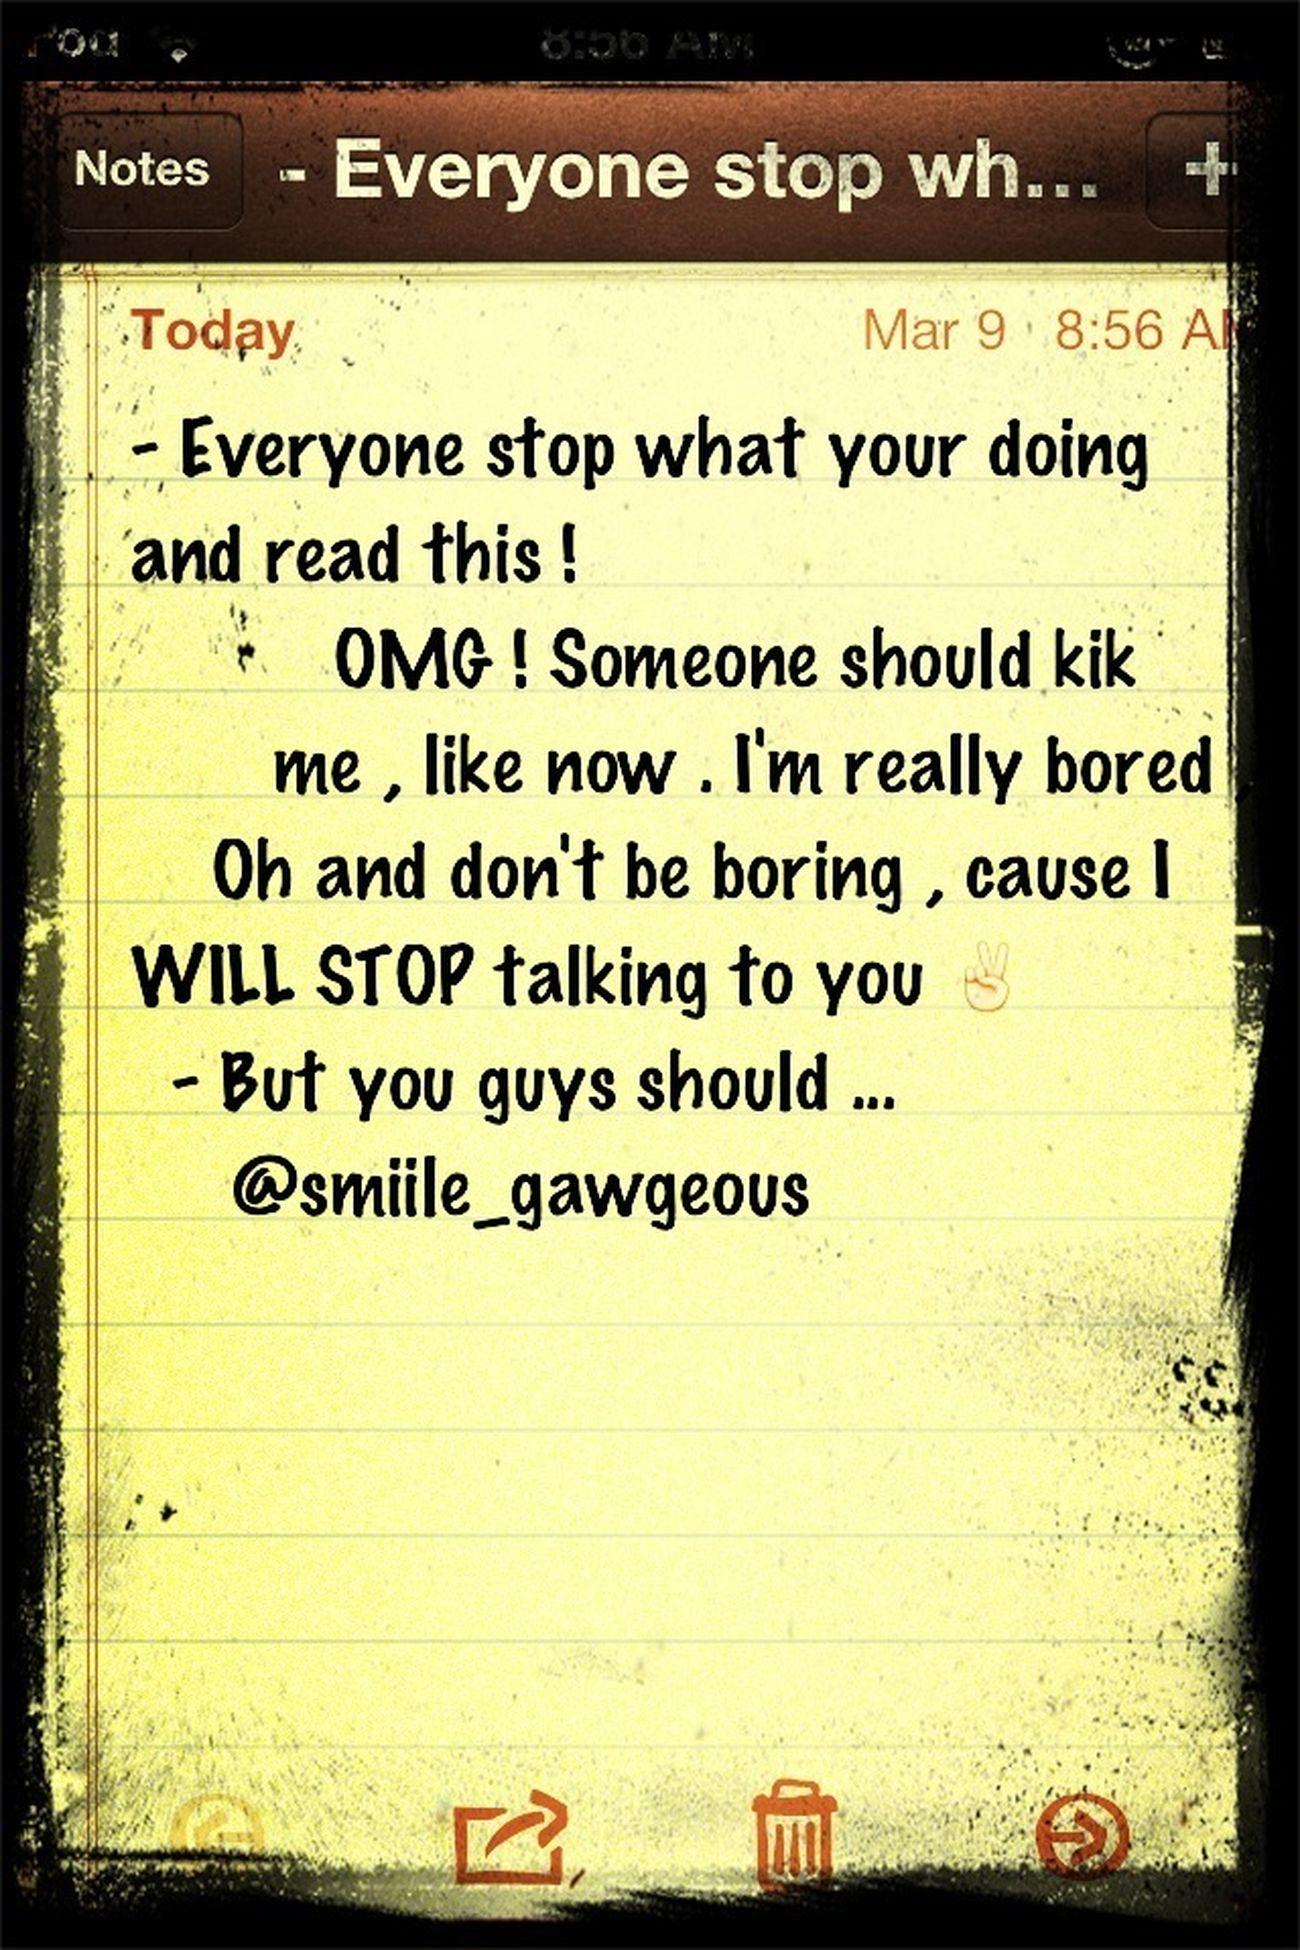 - Kik Me @smiile_gawgeous